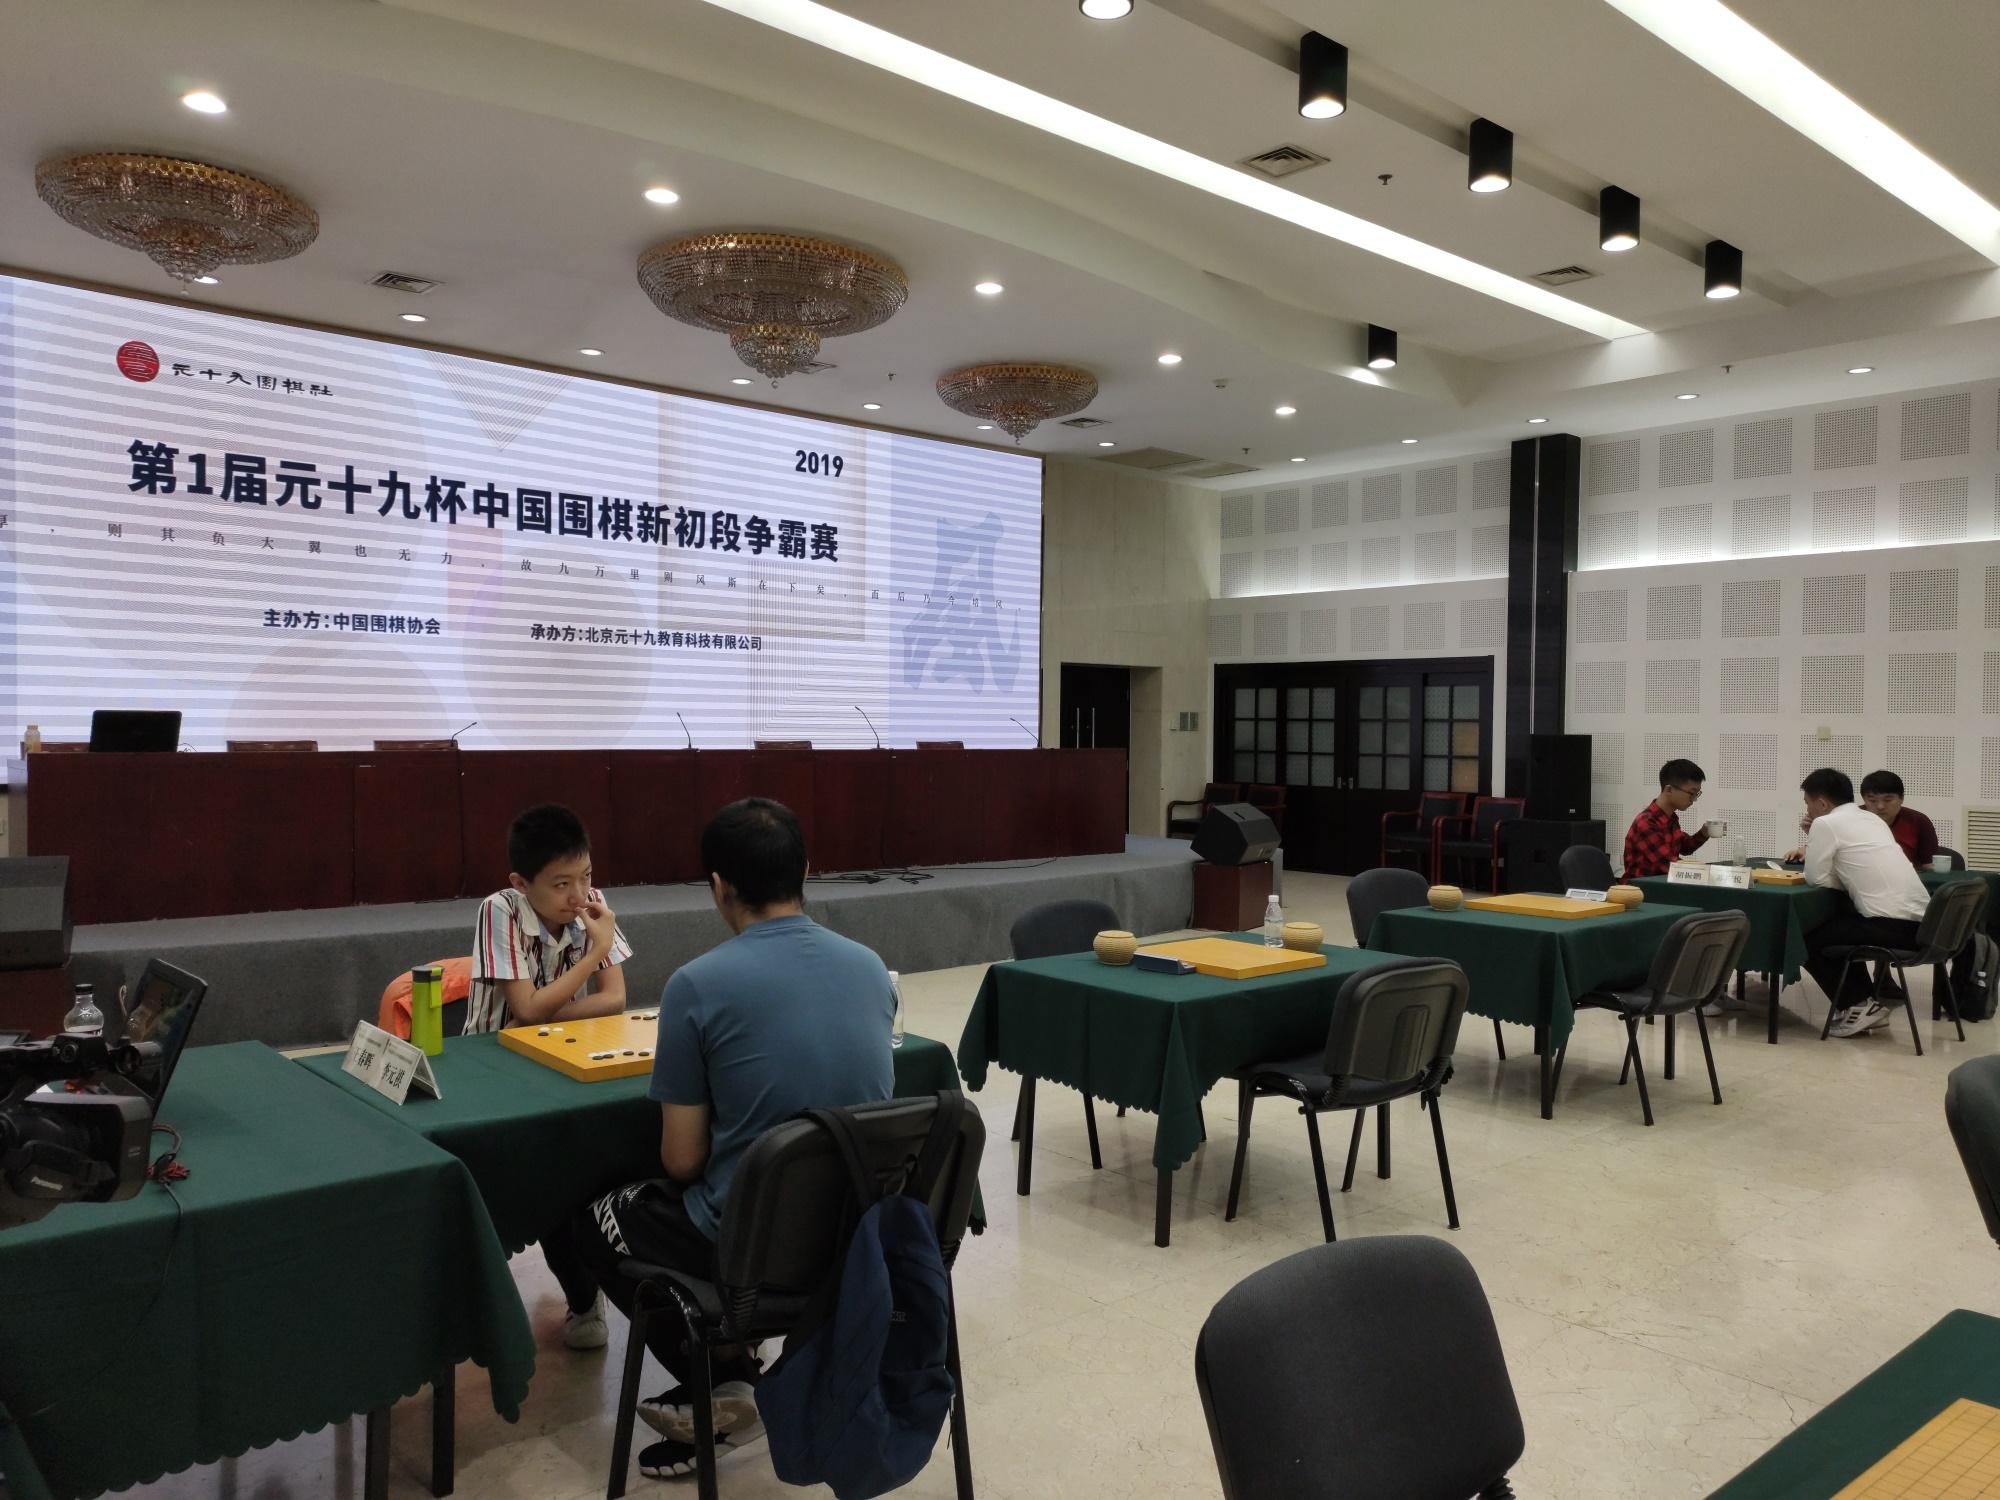 元十九杯成年新初段亮眼 苏广悦李元祺会师决赛